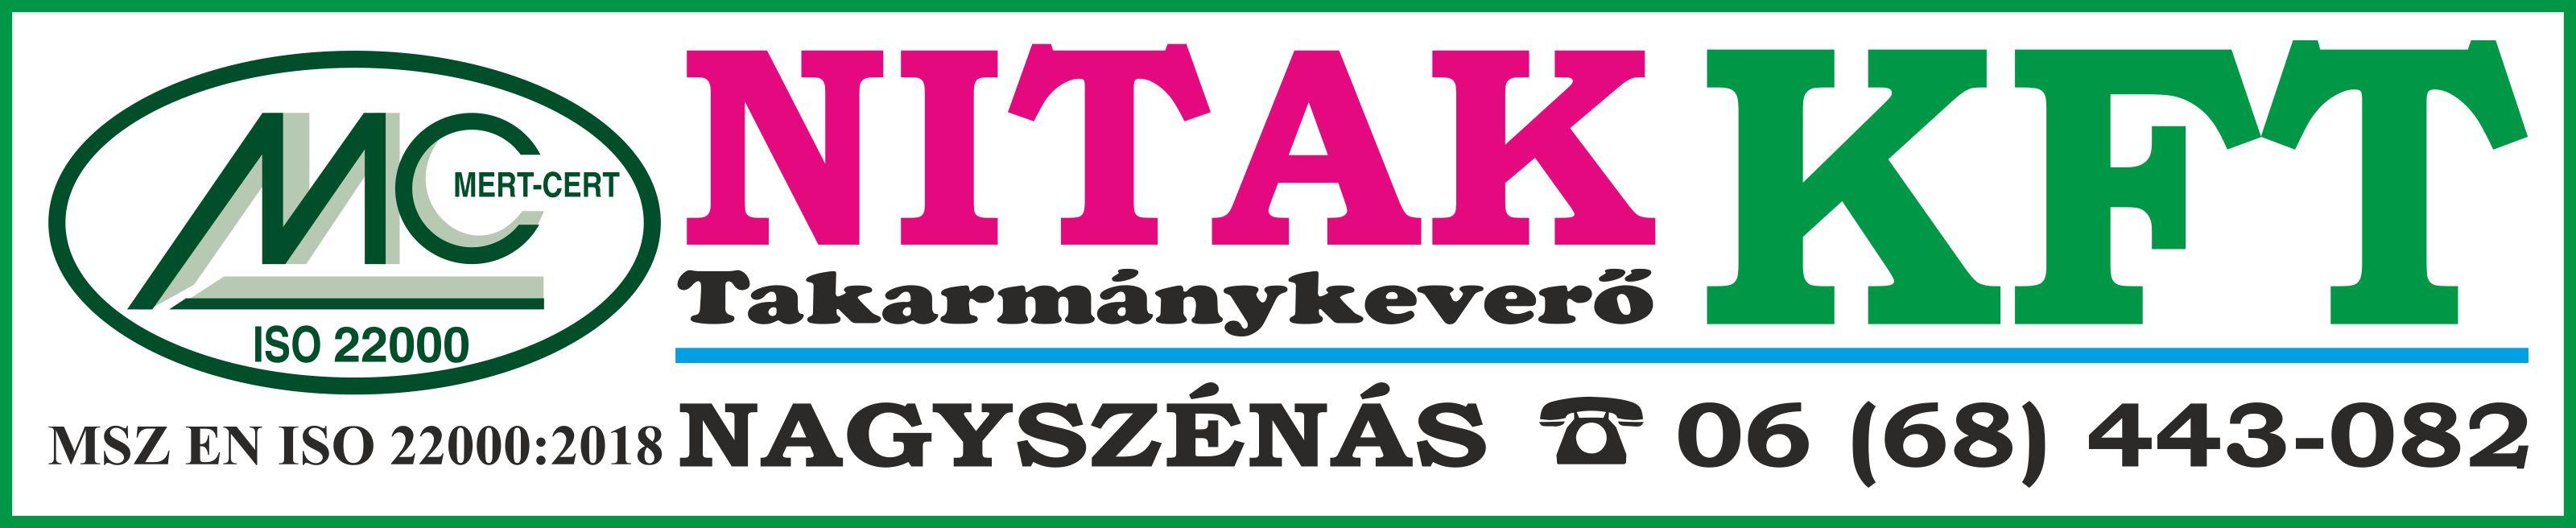 nitak_banner